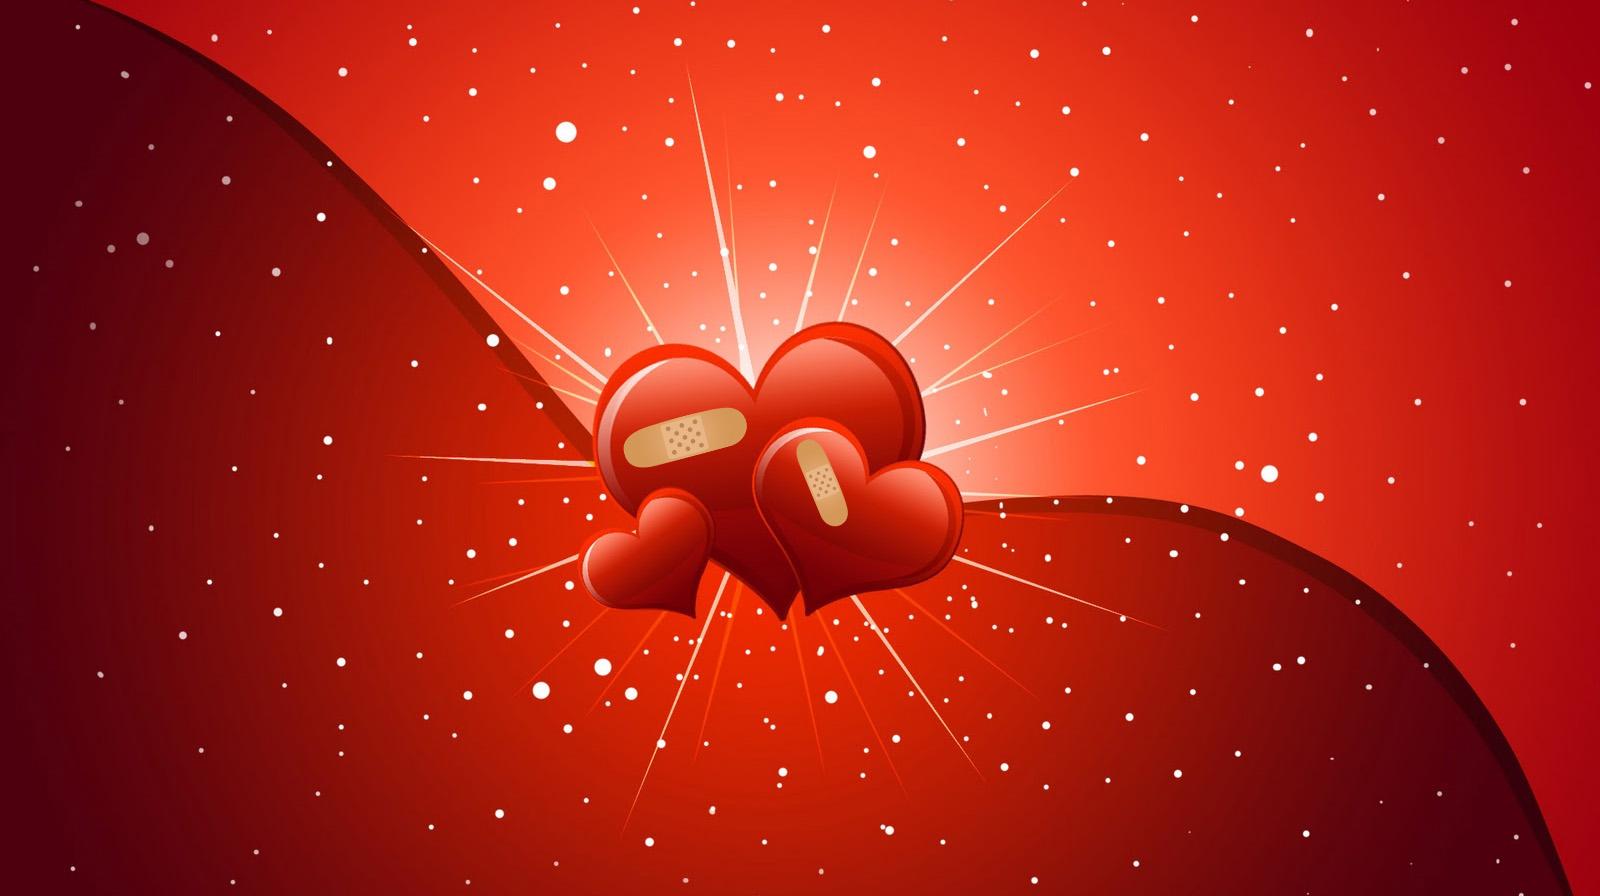 ValentinesCPR